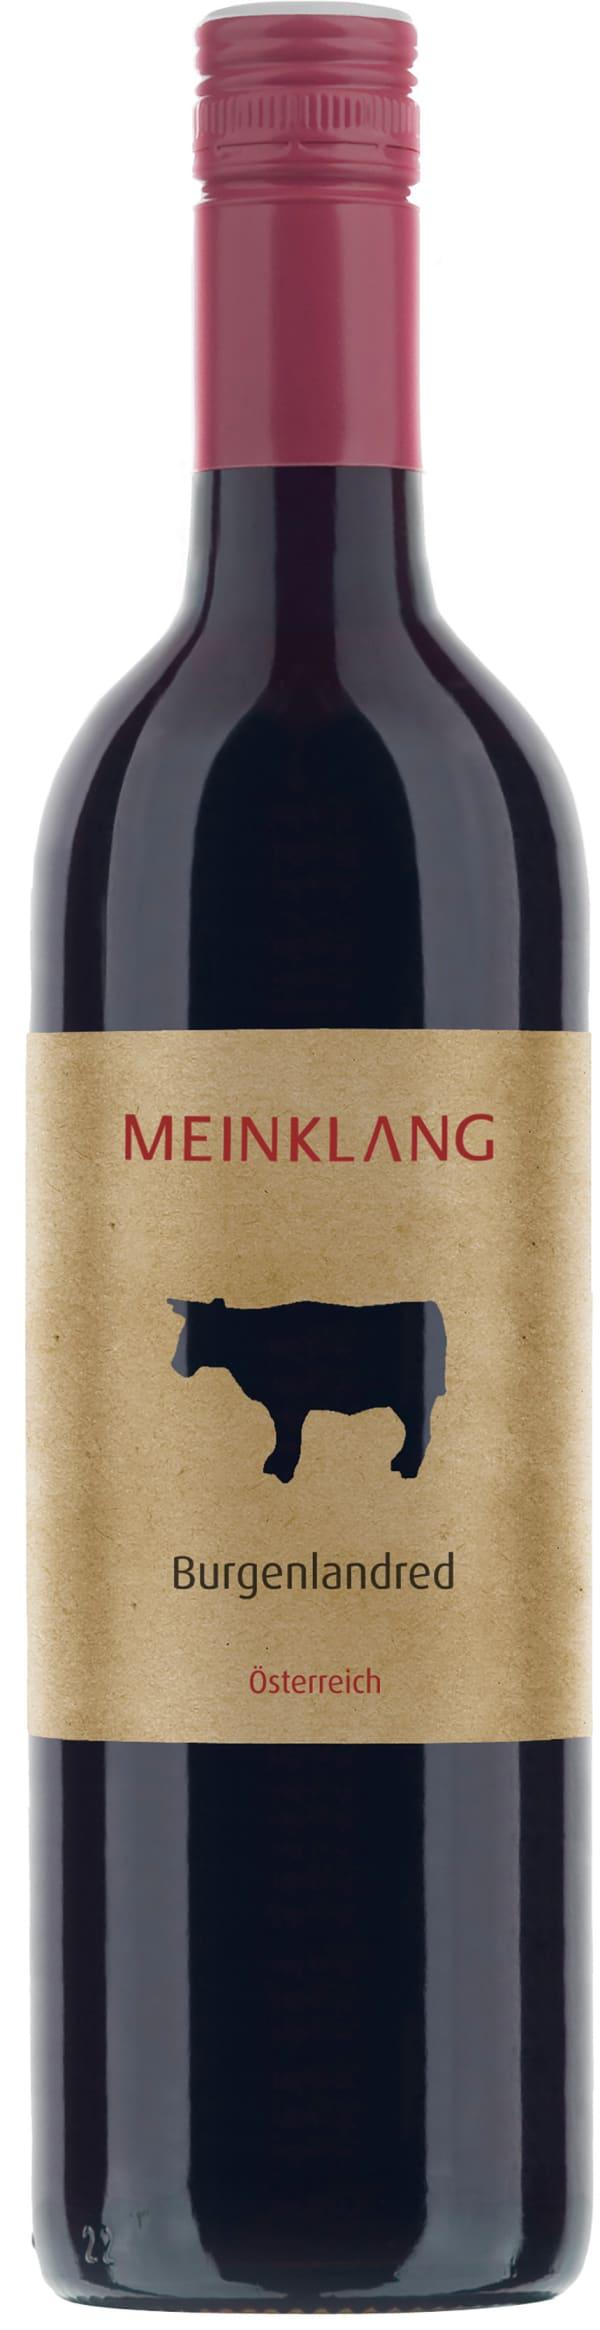 Meinklang Burgenlandred 2017